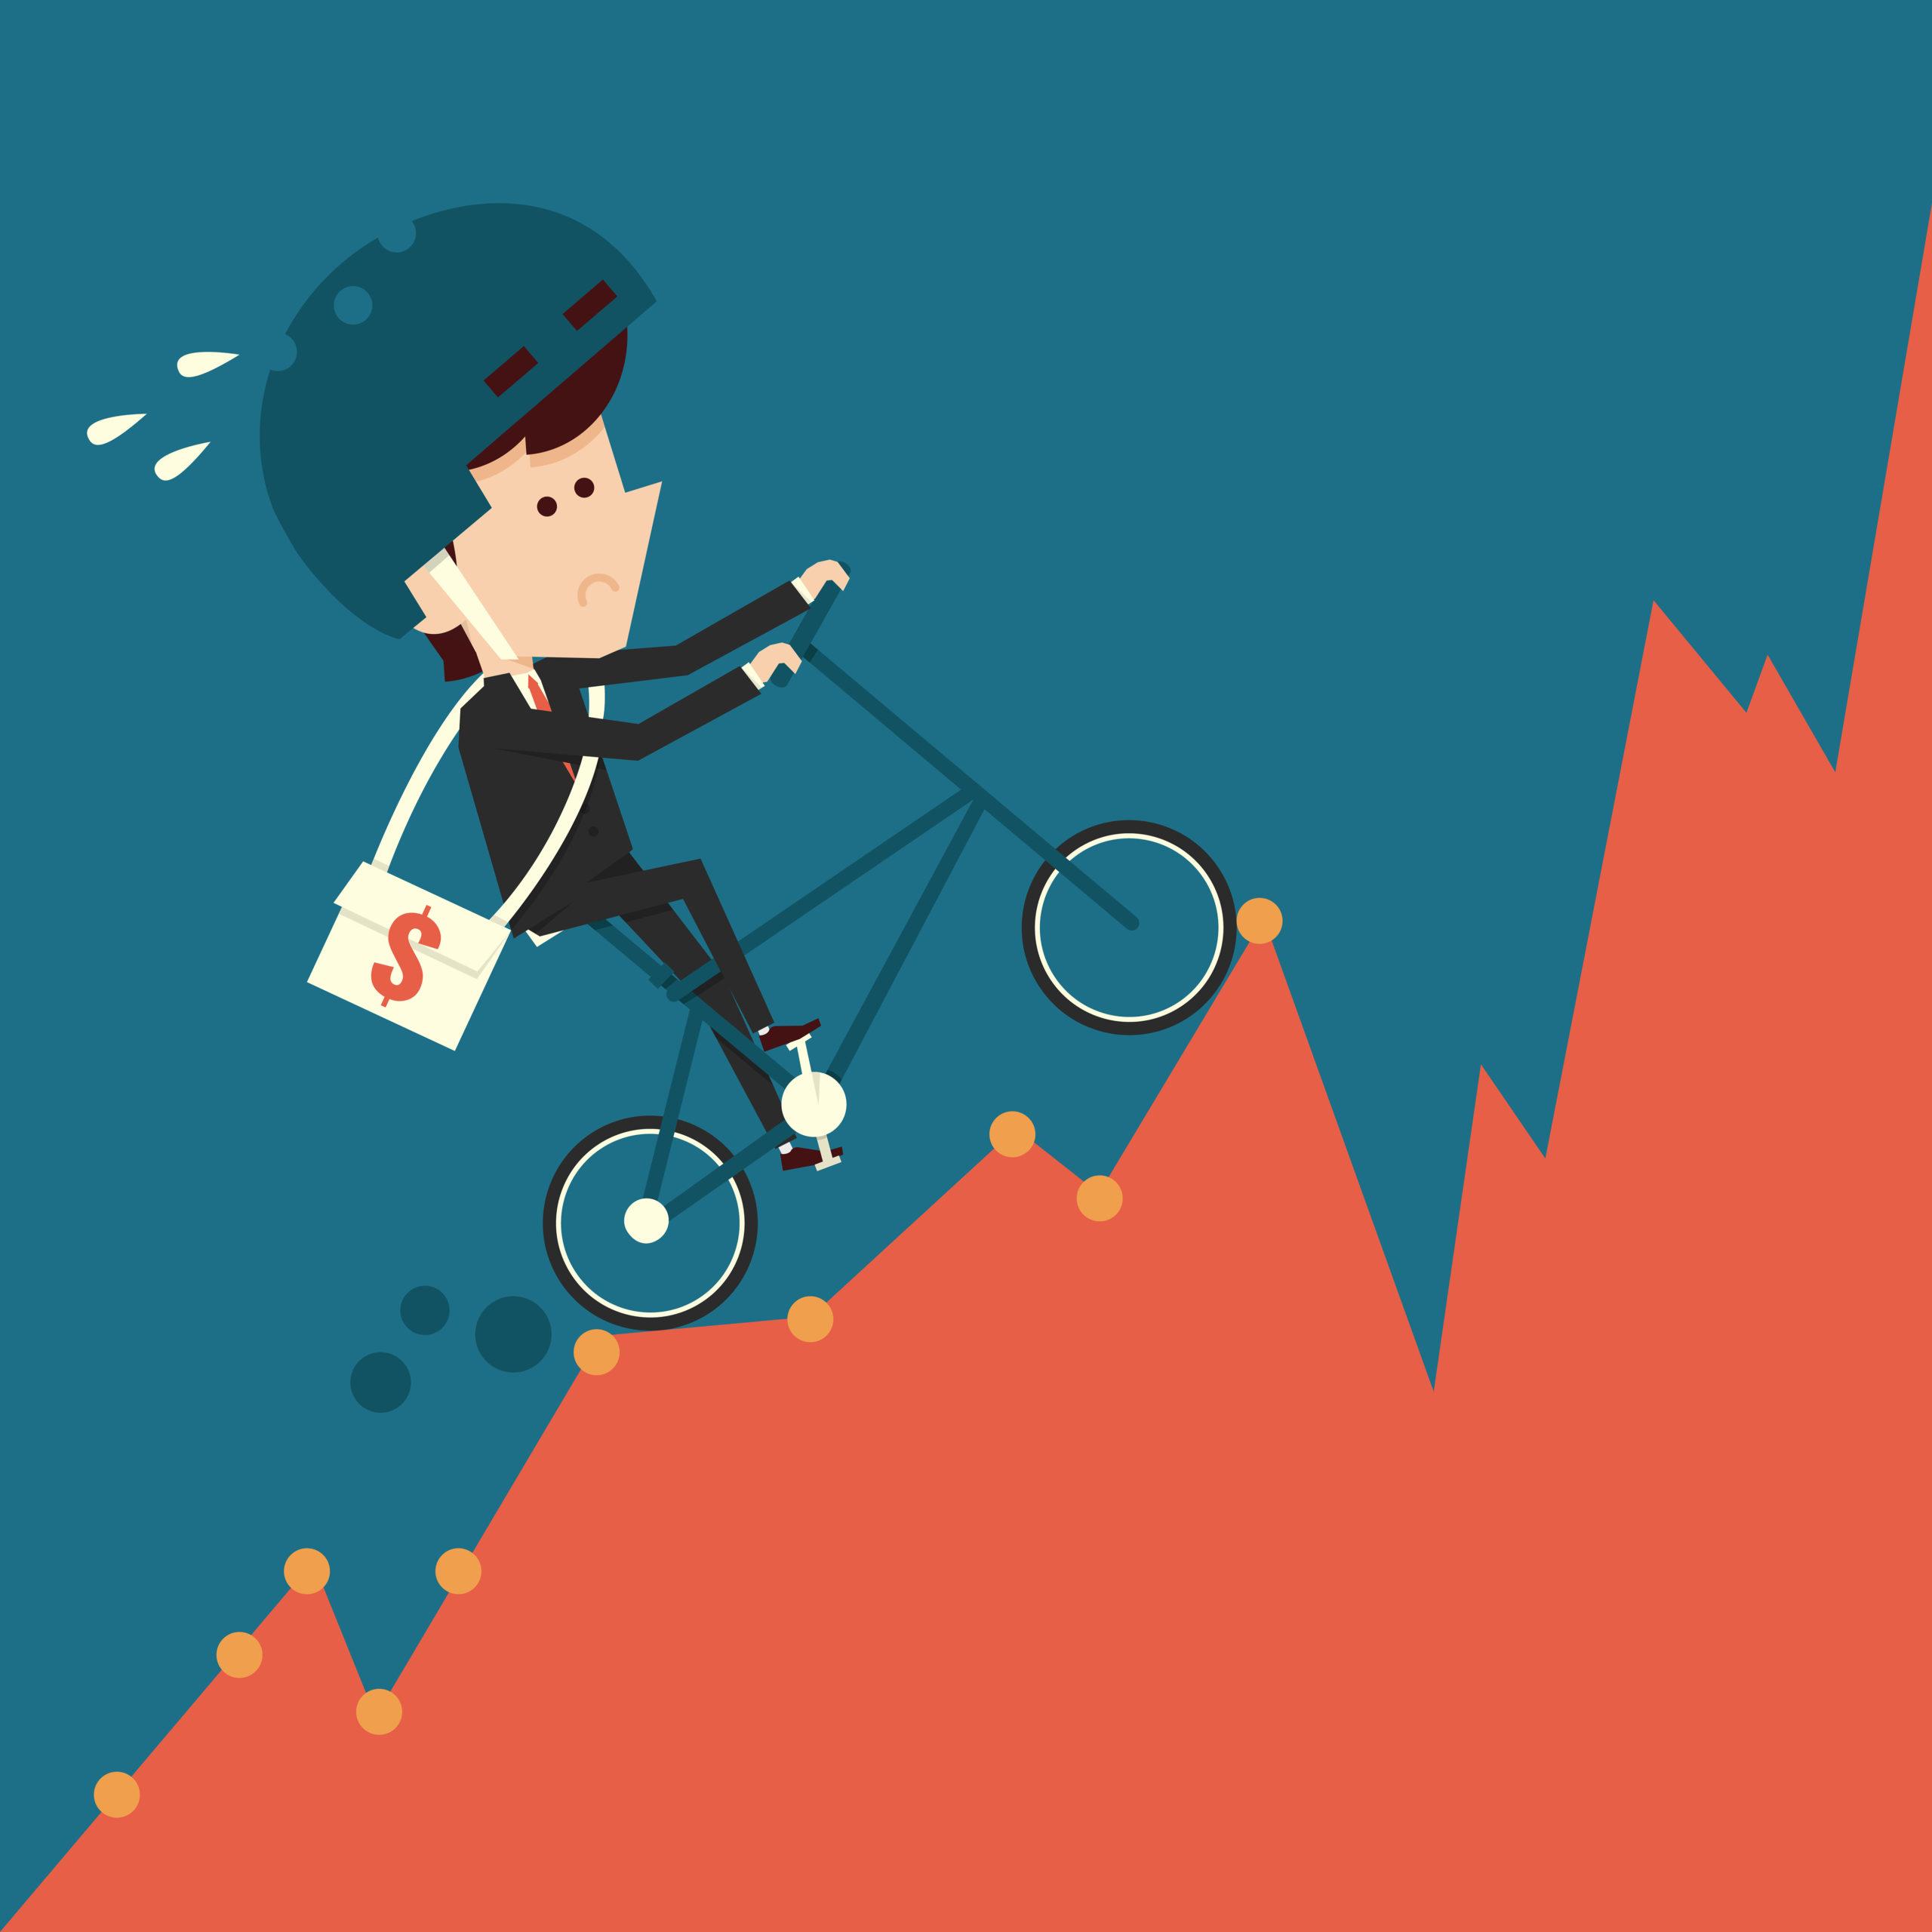 不動産会社に中途採用で入る。未経験での入社ってどうなの?